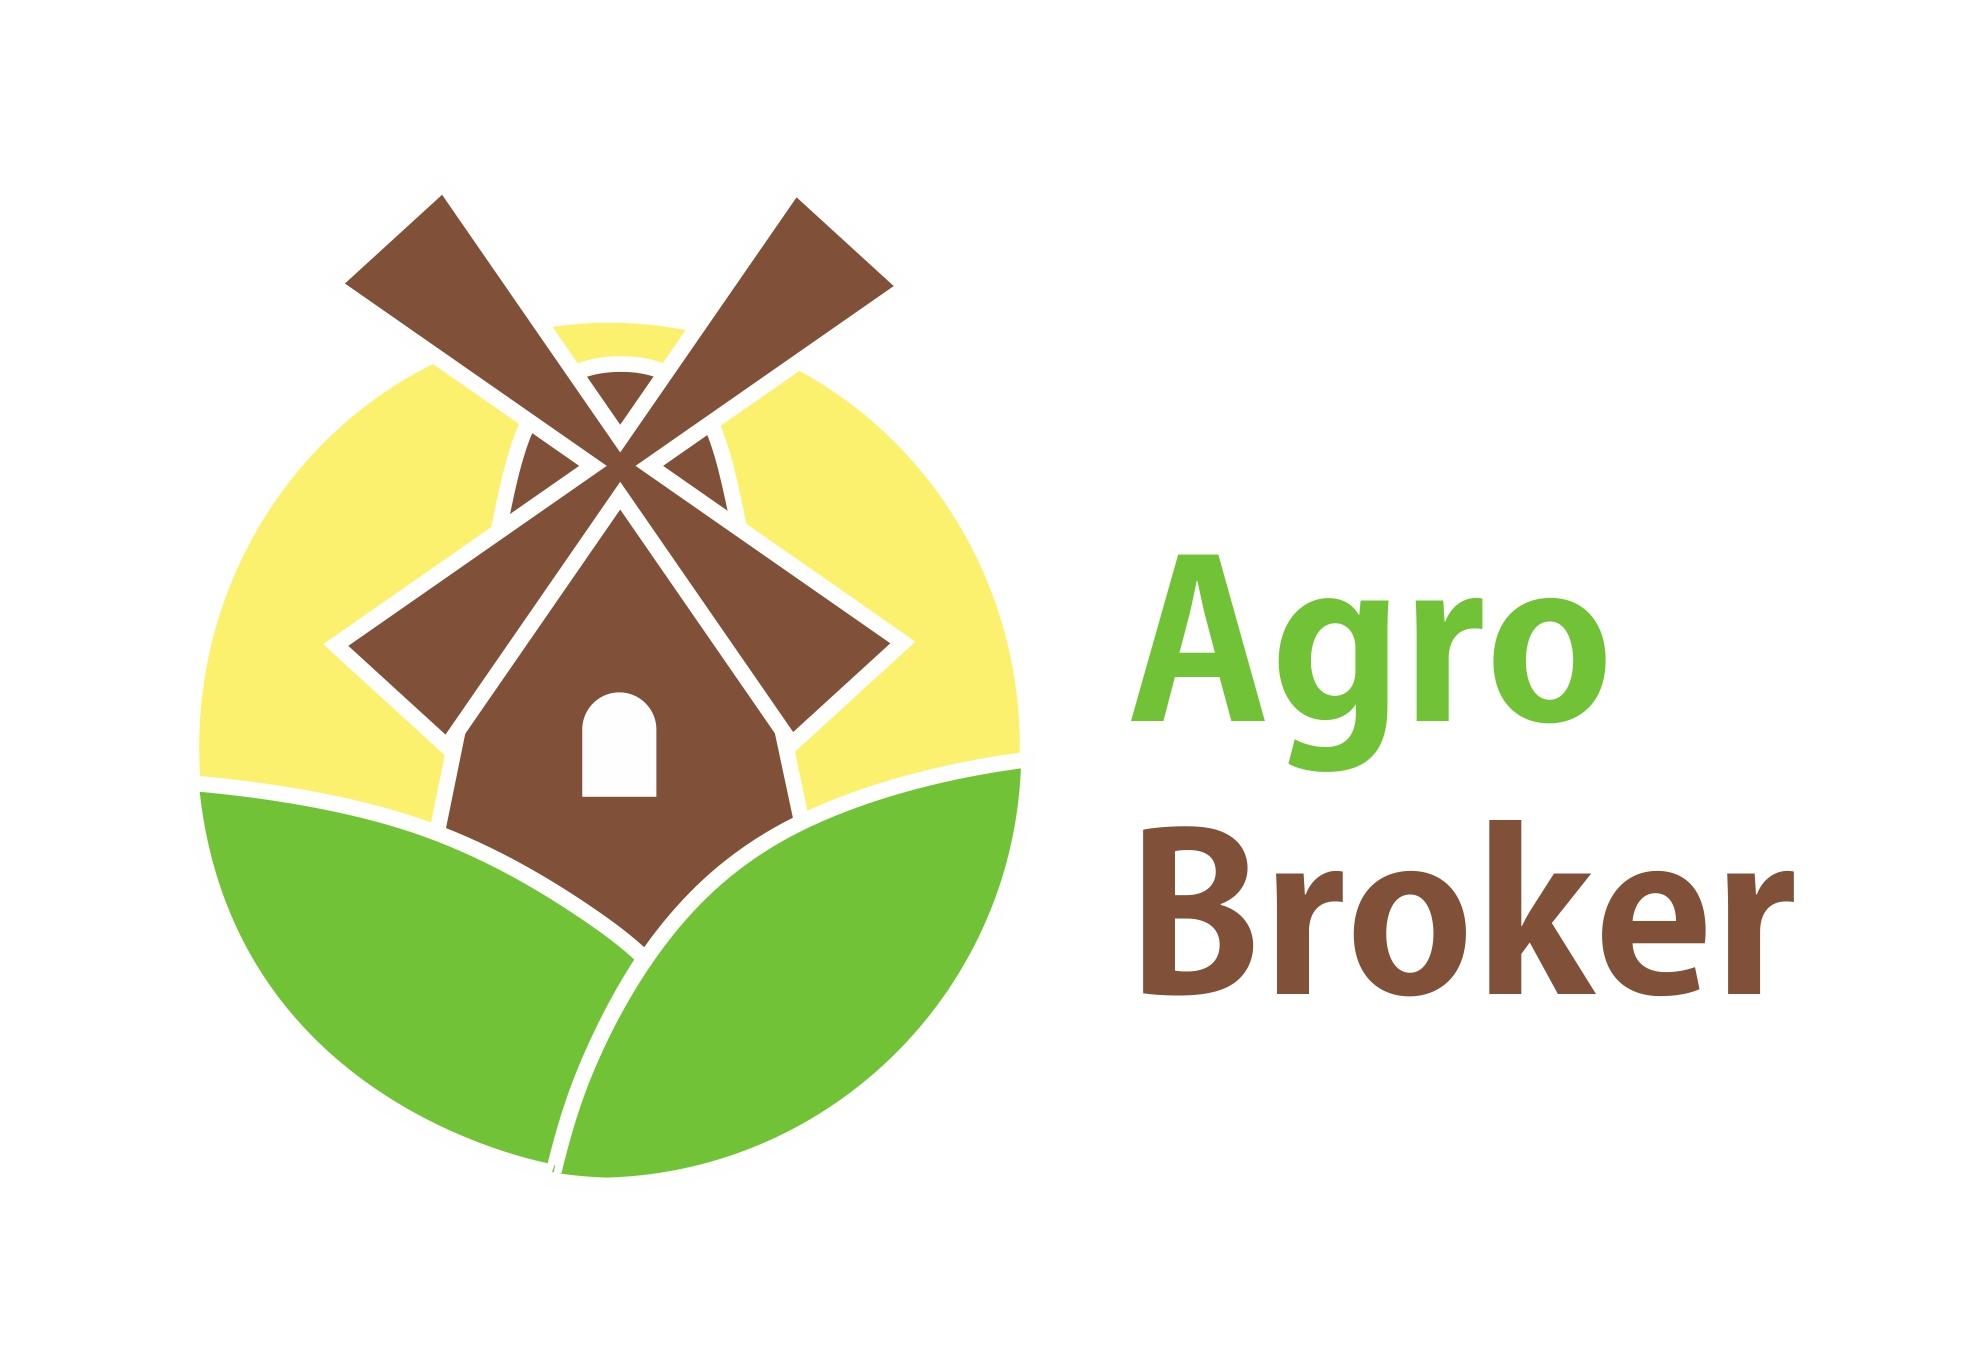 ТЗ на разработку пакета айдентики Agro.Broker фото f_32559675e9dc3abd.jpg